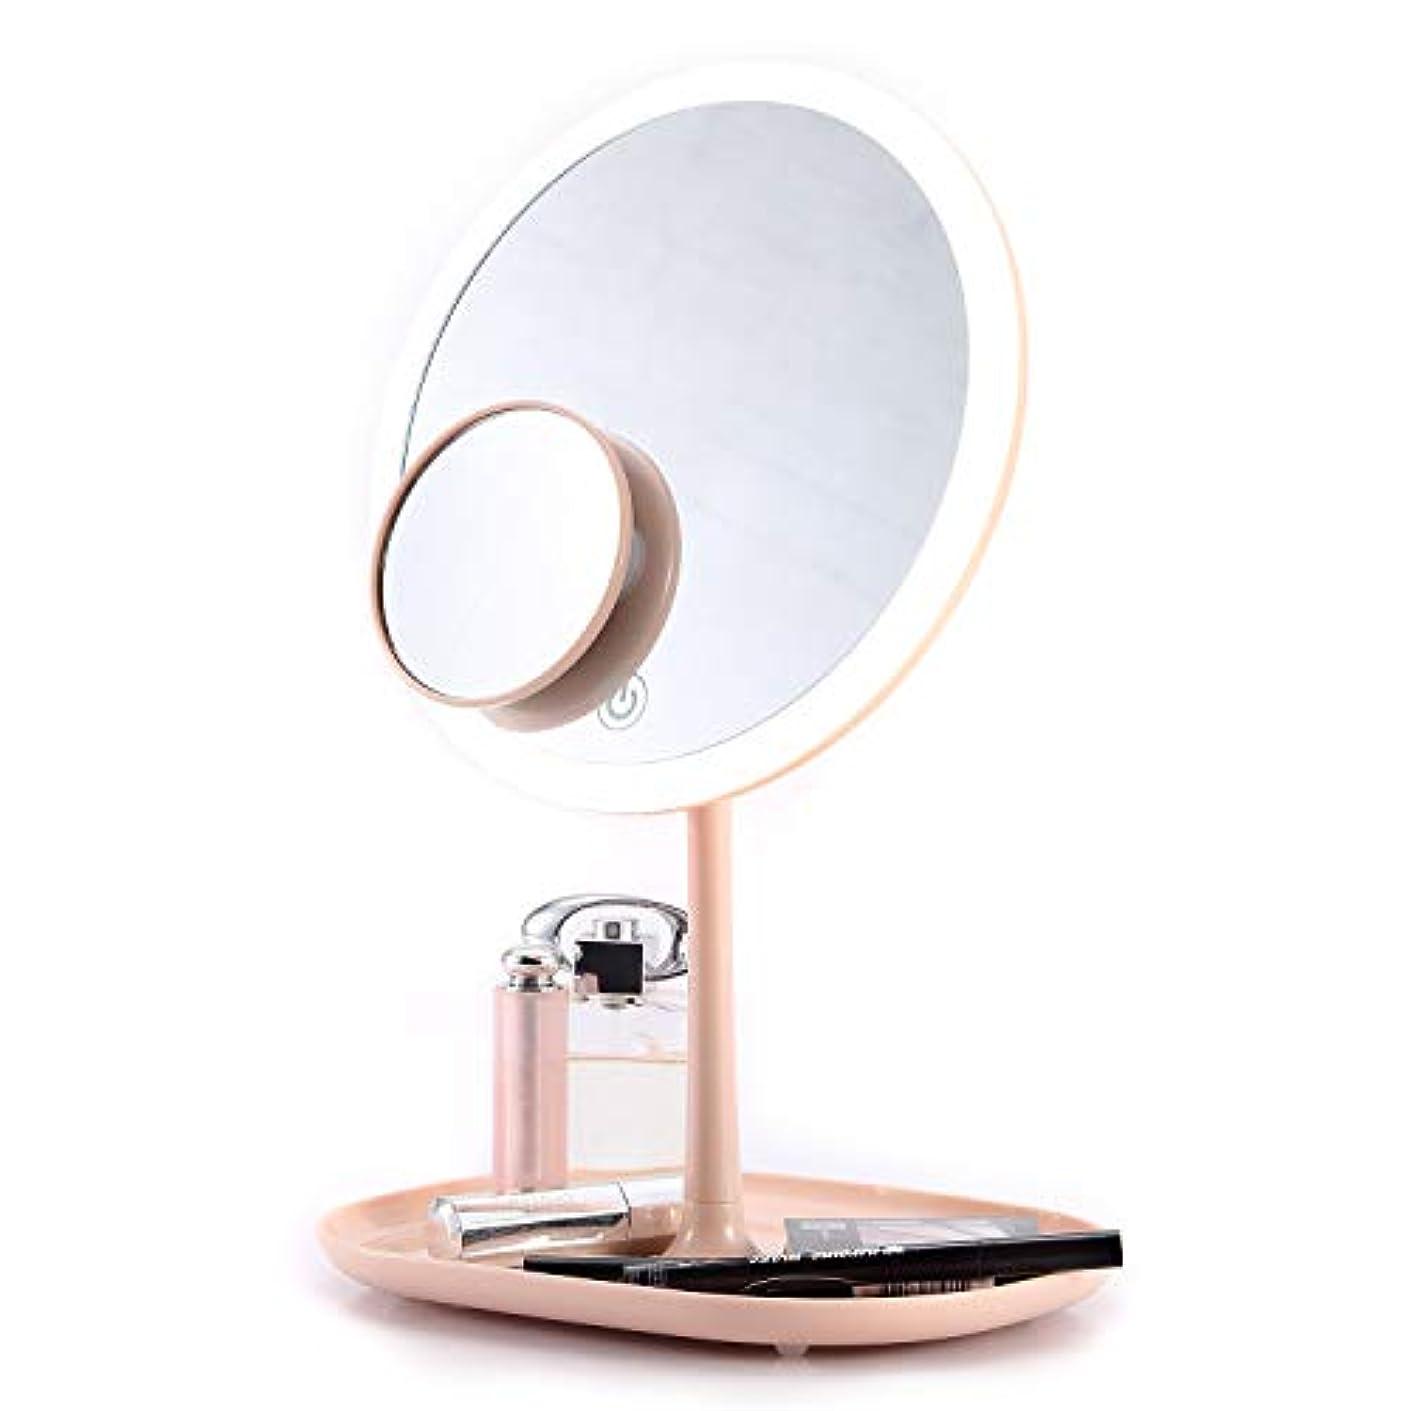 等価うがい応じるLED化粧鏡 卓上鏡 女優ミラー 拡大鏡 1または5倍の倍率 明るさ調整可能な USB充電式 90°の角度調節可能 収納 (ピンク)